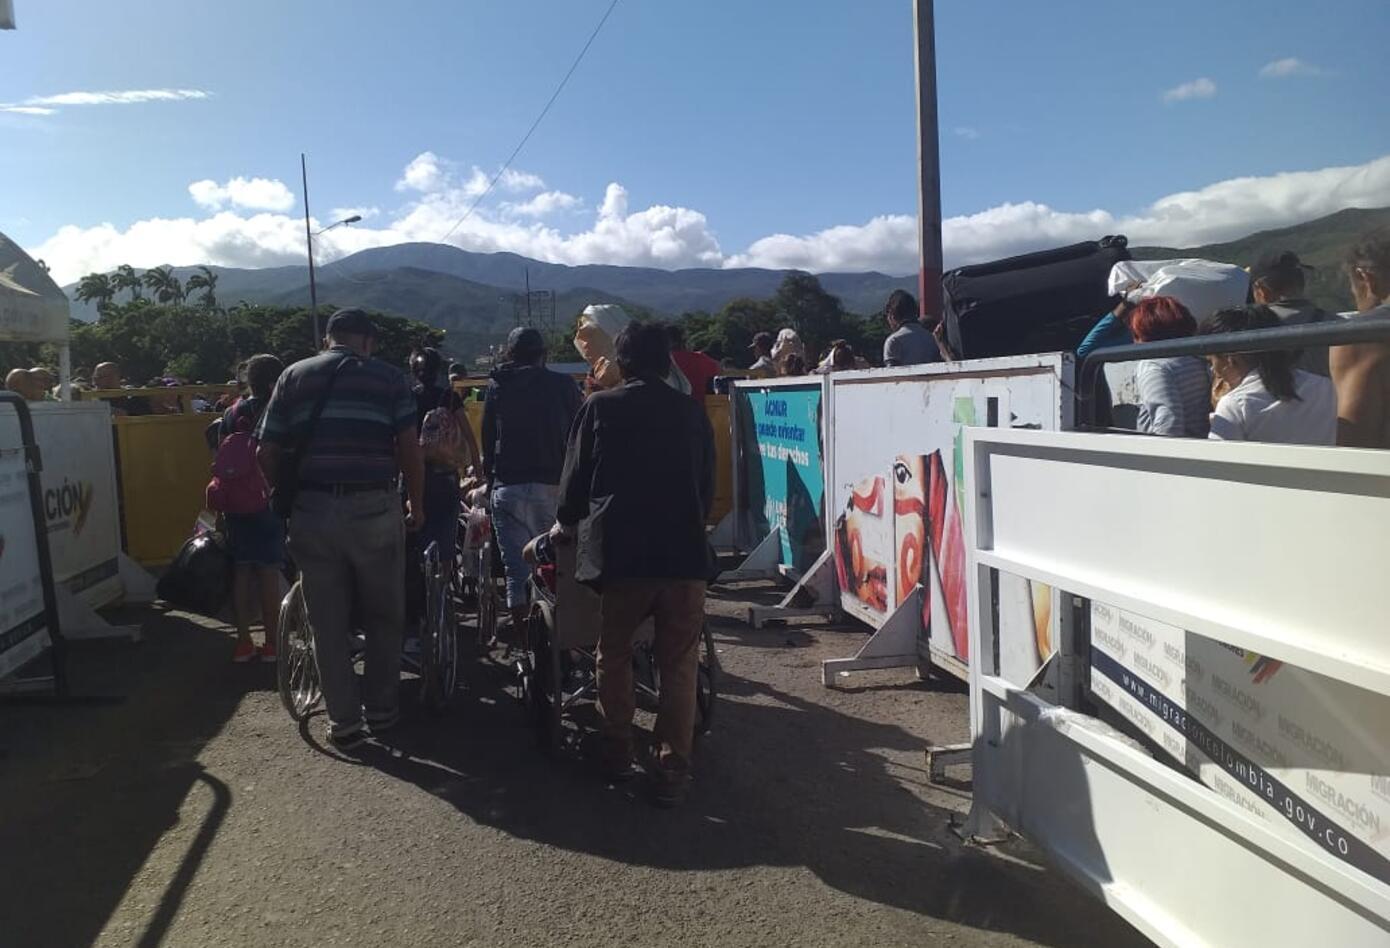 Venezuela abre paso fronterizo para peatones, los containers en la zona no han sido retirados